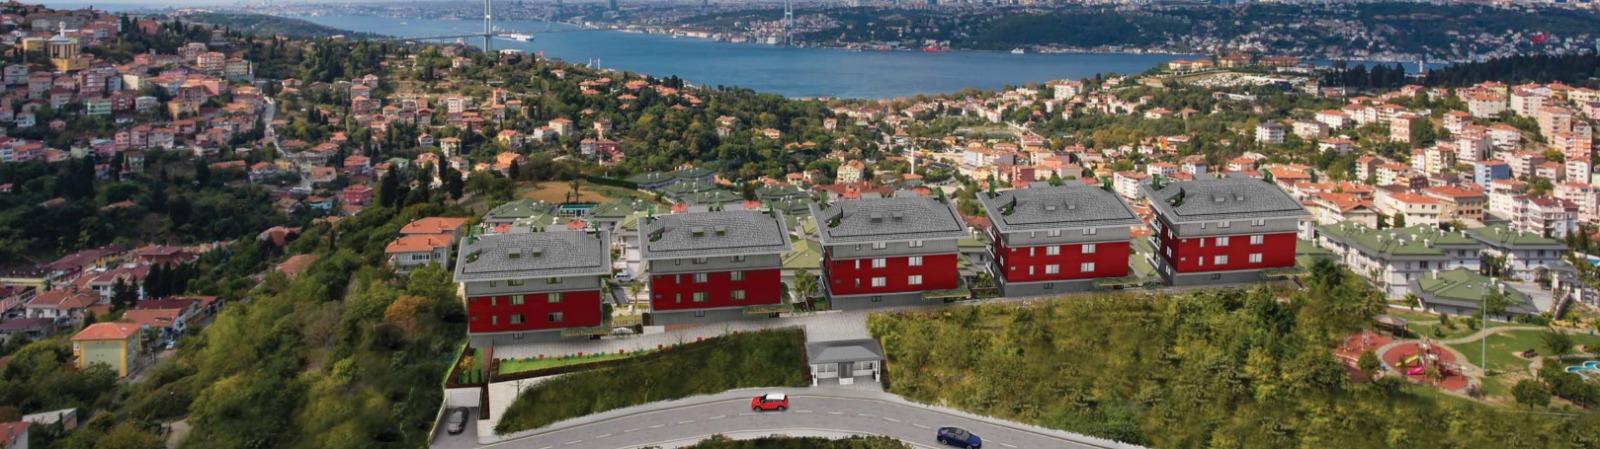 Новый проект в азиатской части Стамбула - Фото 5